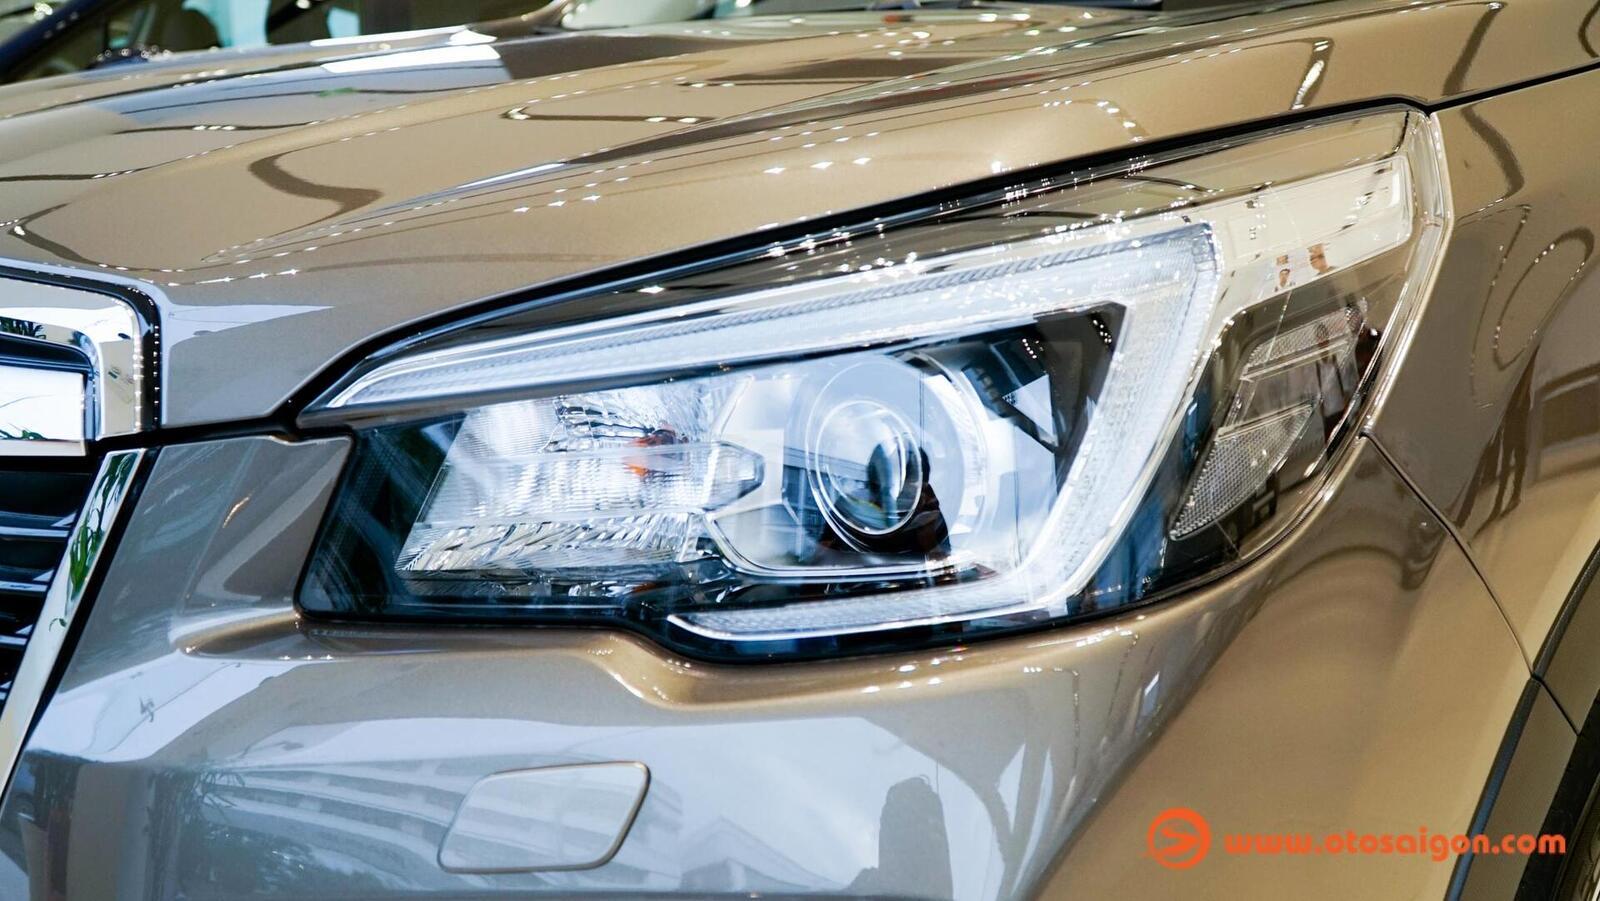 Đánh giá nhanh Subaru Forester thế hệ mới và sự khác biệt giữa hai phiên bản - Hình 12